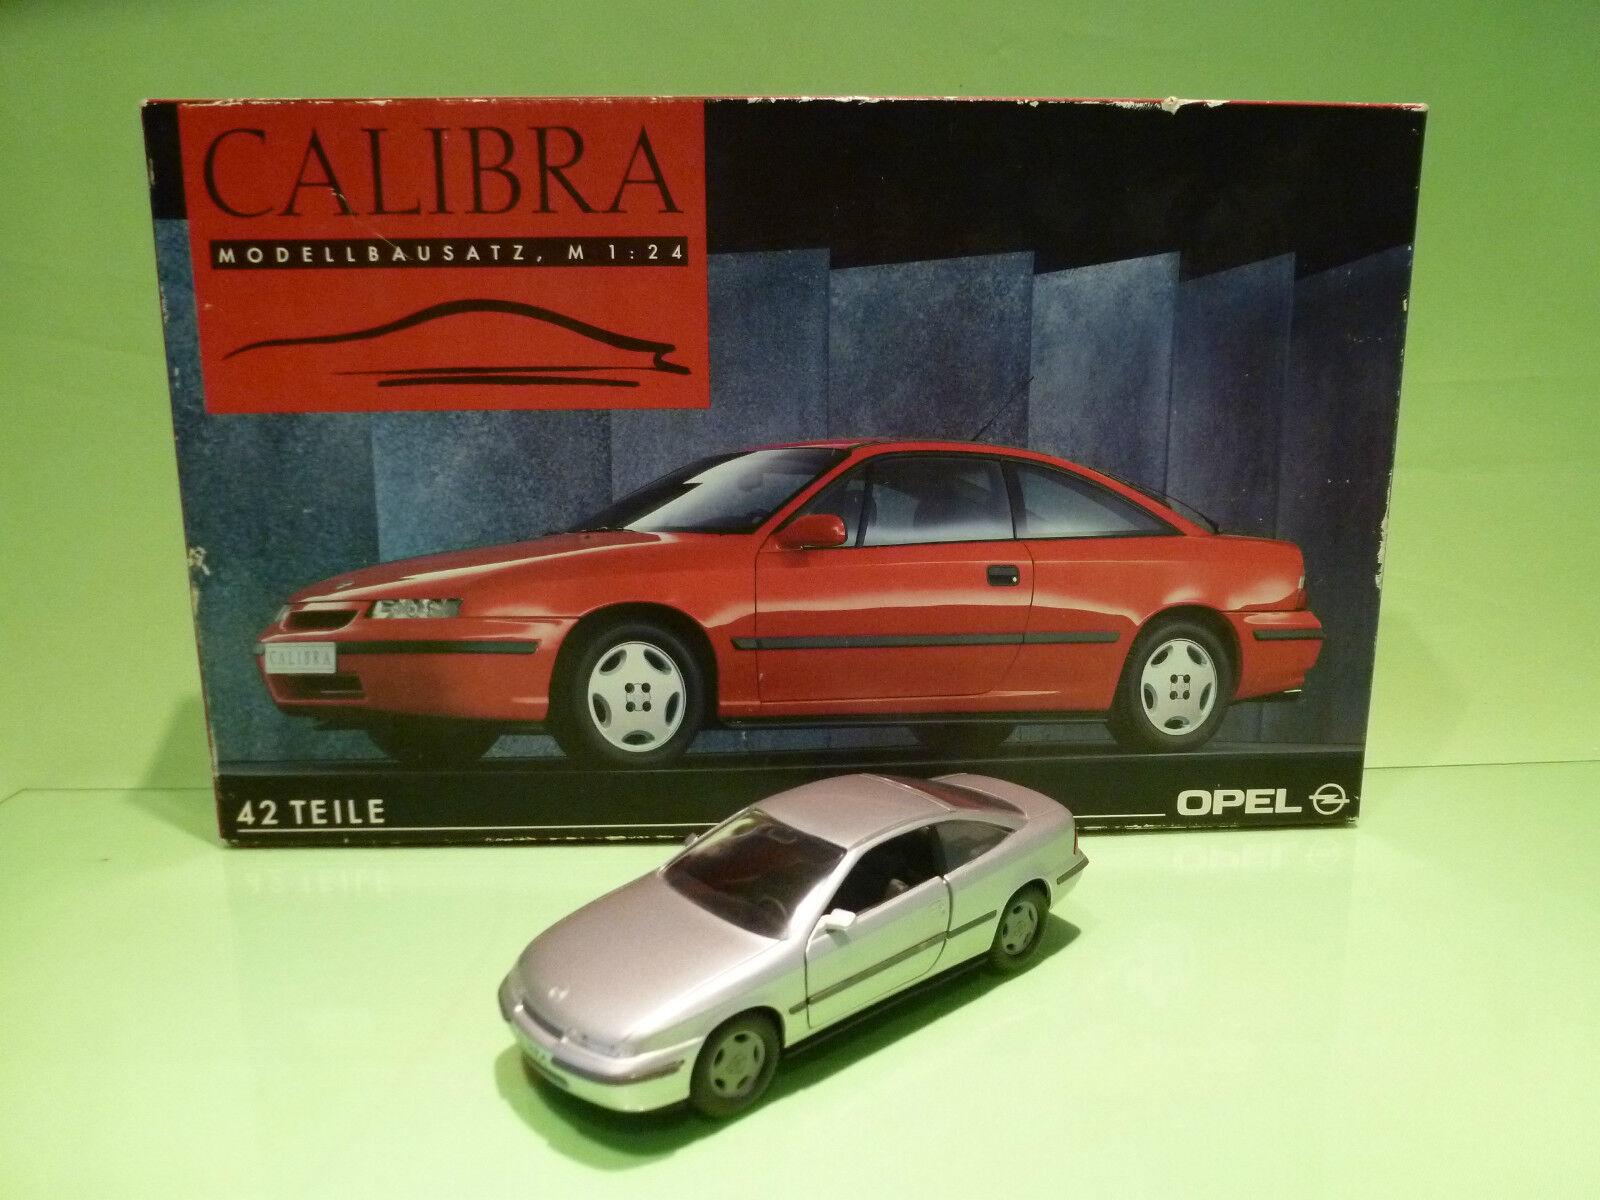 GAMA 2123 OPEL CALIBRA - BUILT METAL KIT - RARE - 1 24 - VERY GOOD IN BOX